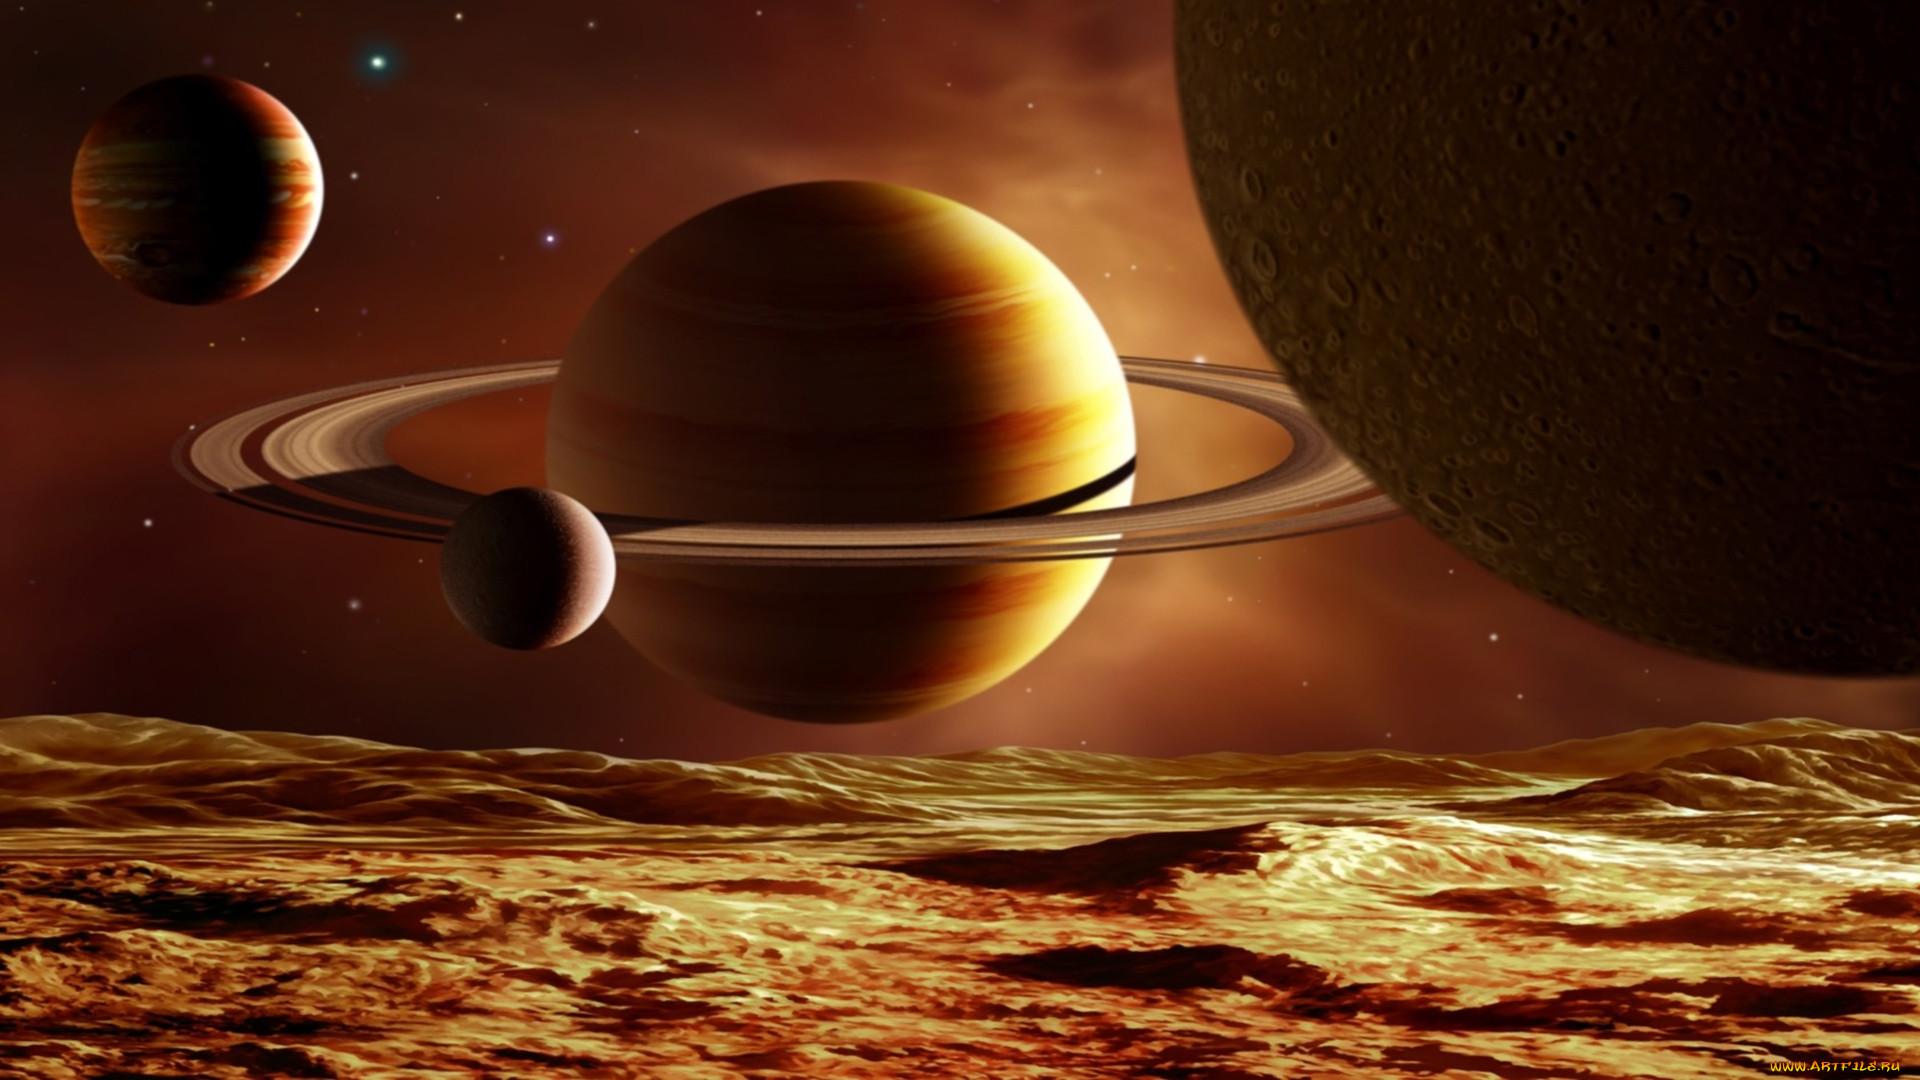 Смотреть картинки с планетами